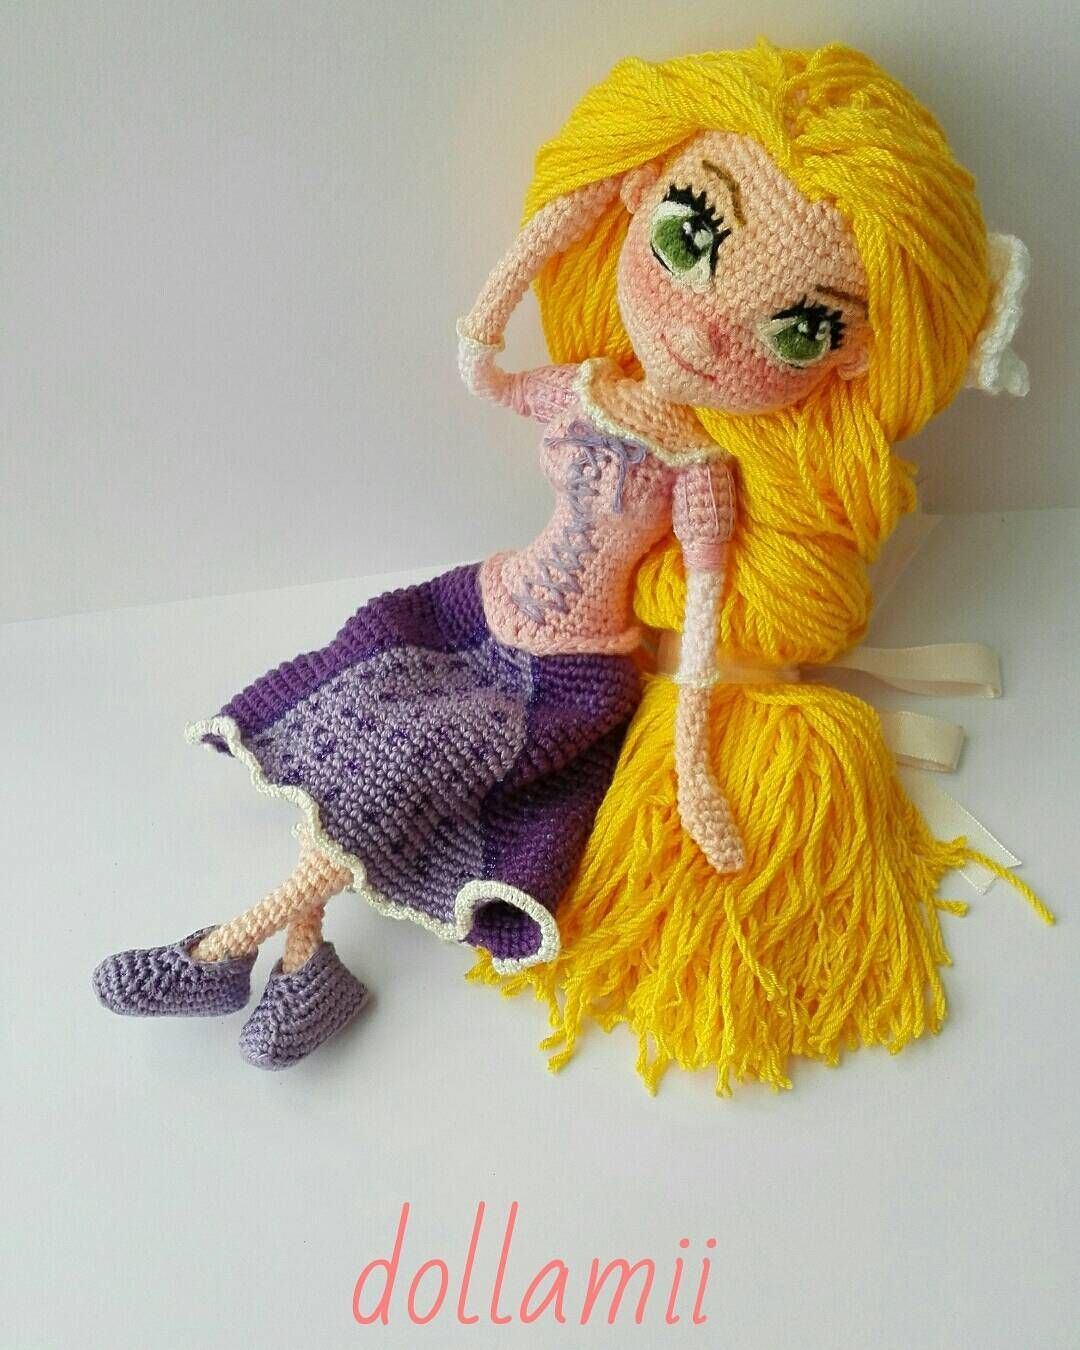 elegant-amigurumi-tig-isi-doll-sara-ucretsiz-desen-7 Amigurumi Tığ işi Doll Sara Ücretsiz Desen